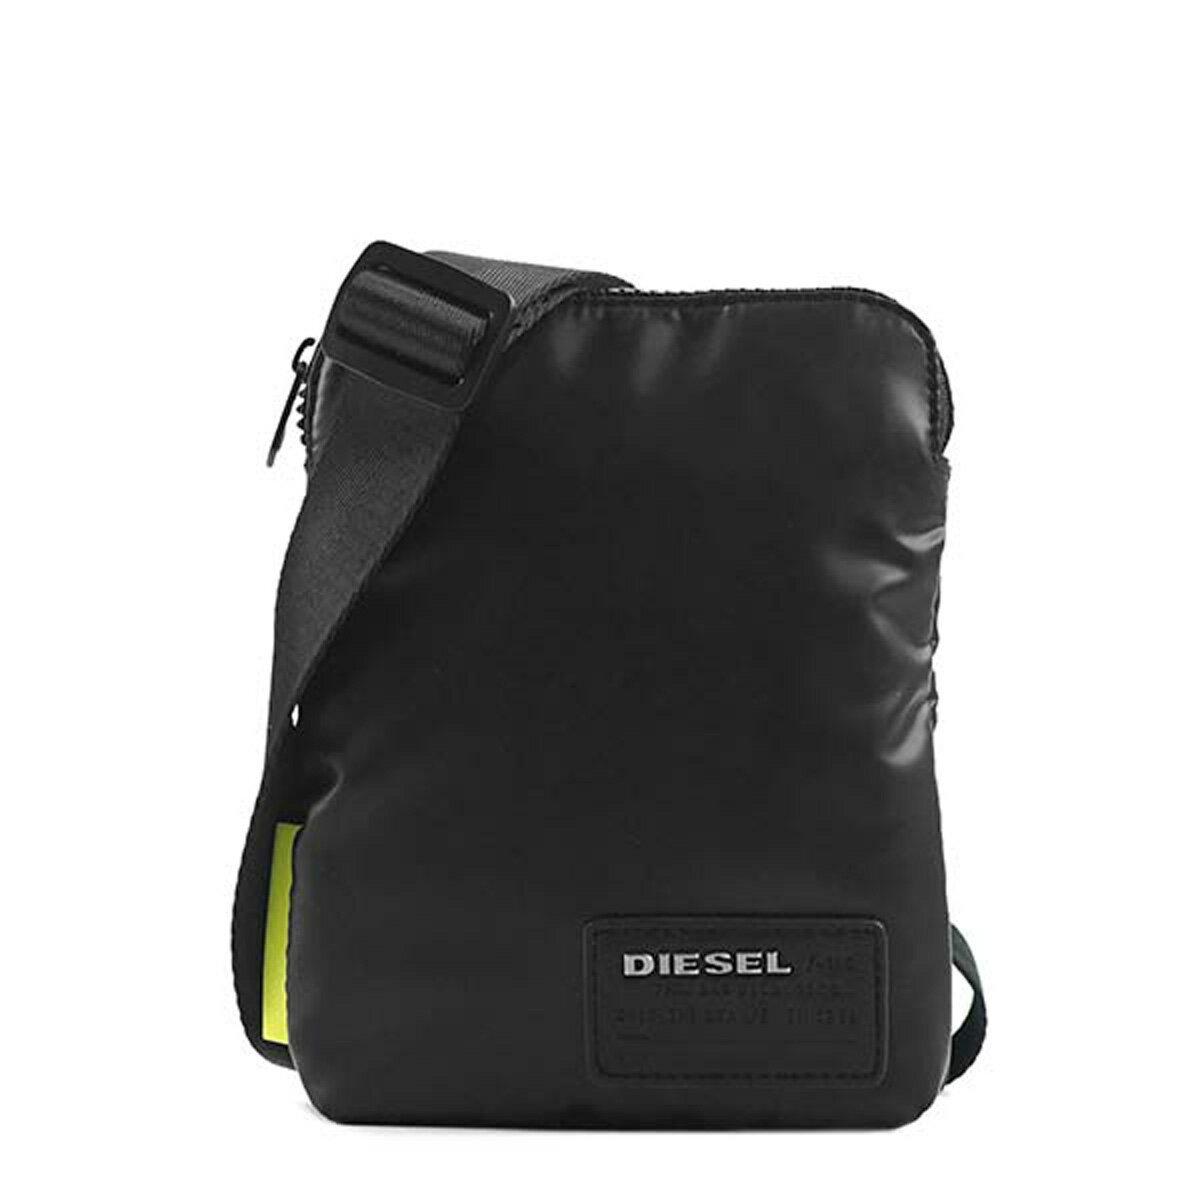 ディーゼル DIESEL バッグ X04815 P1157 T8013 F-DISCOVER SMALLCROS 斜めがけバッグ ミニショルダー BLACK ブラック/ブルー